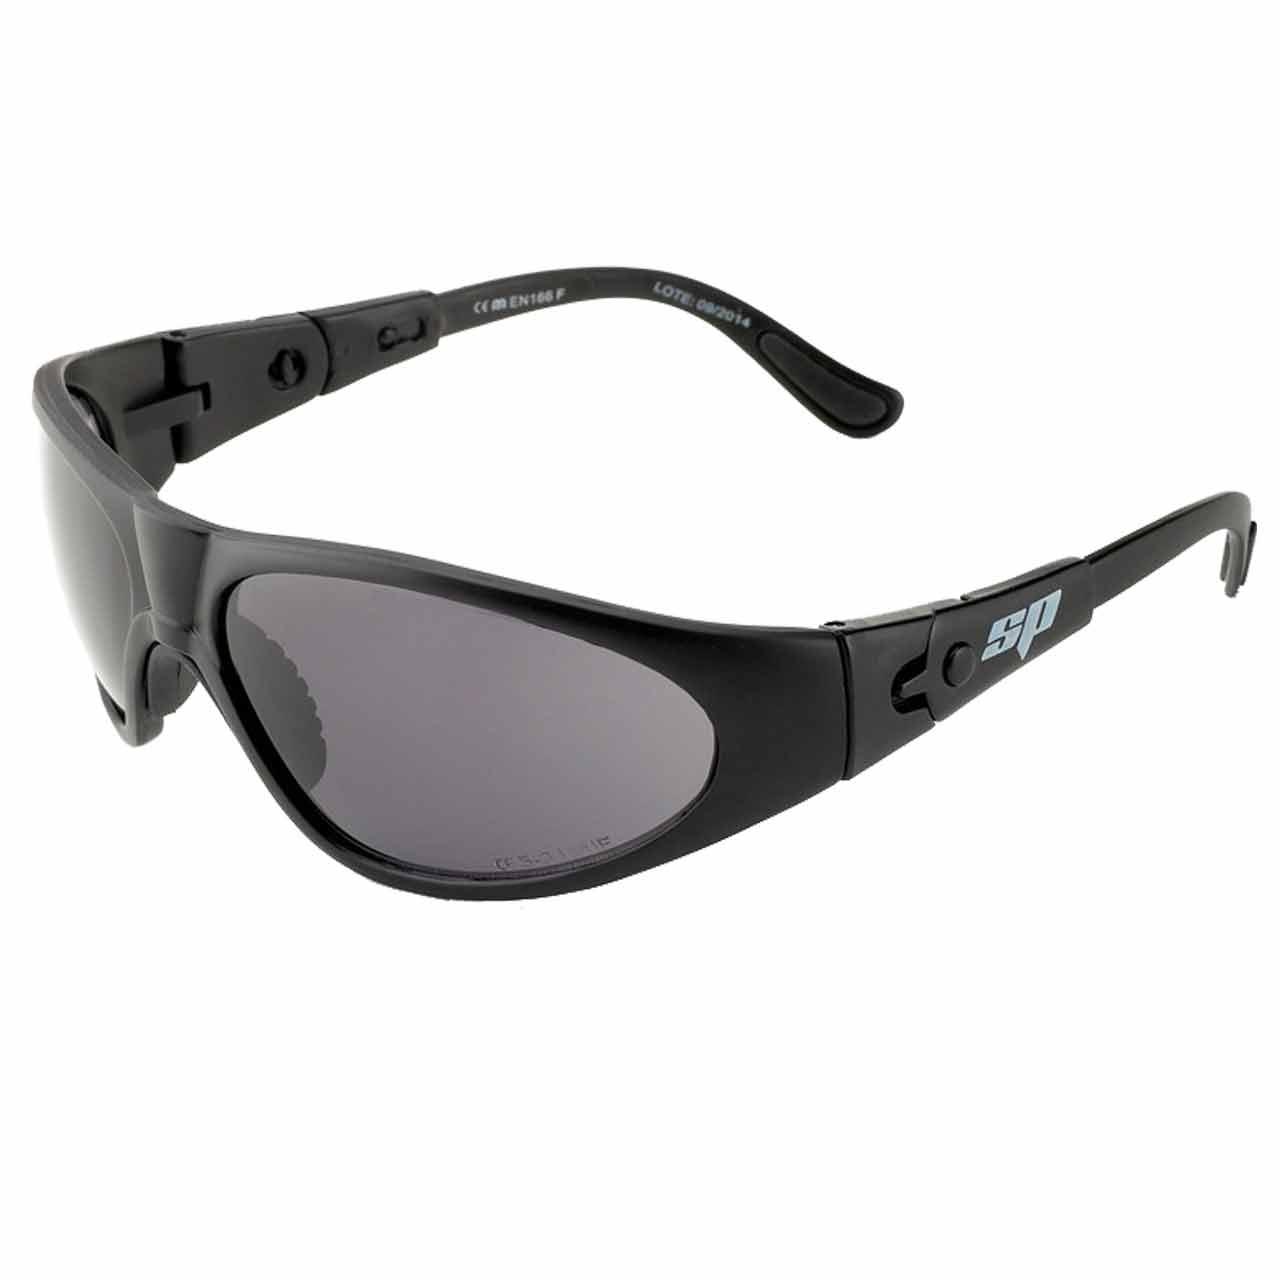 عینک ایمنی استیل پرو سیفتی مدل Patrol بسته 5 عددی